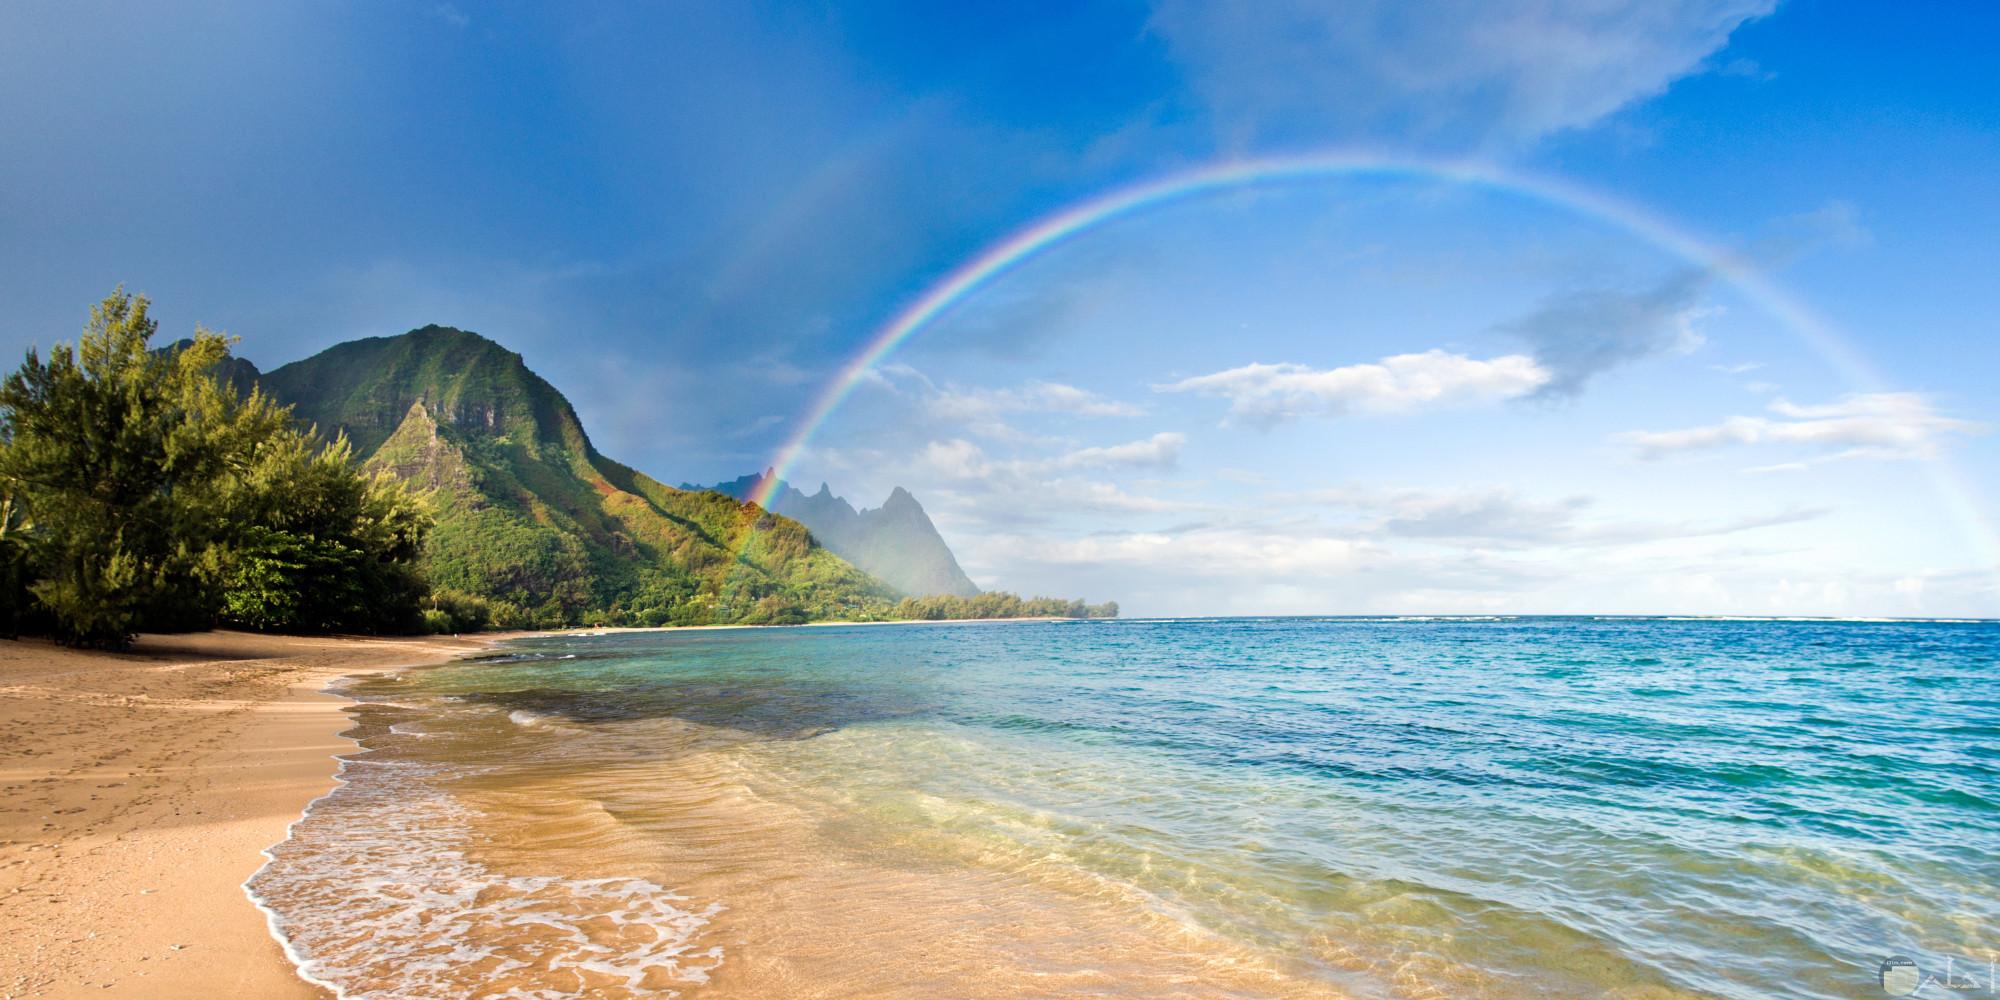 صورة رائعة للبحر والطبيعة